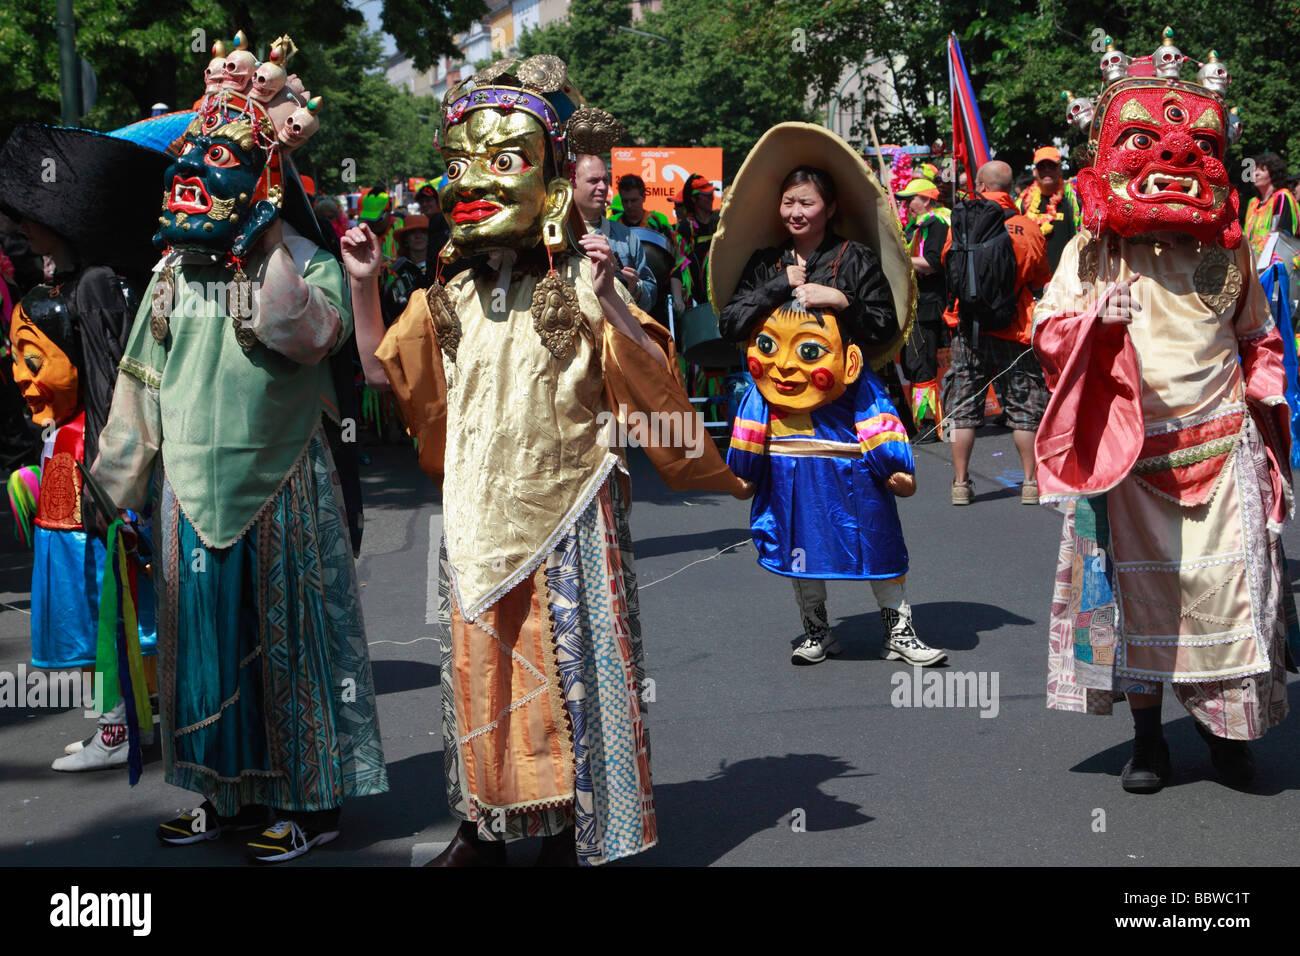 Alemania Berlín Carnaval de las culturas de los mongoles máscaras Imagen De Stock